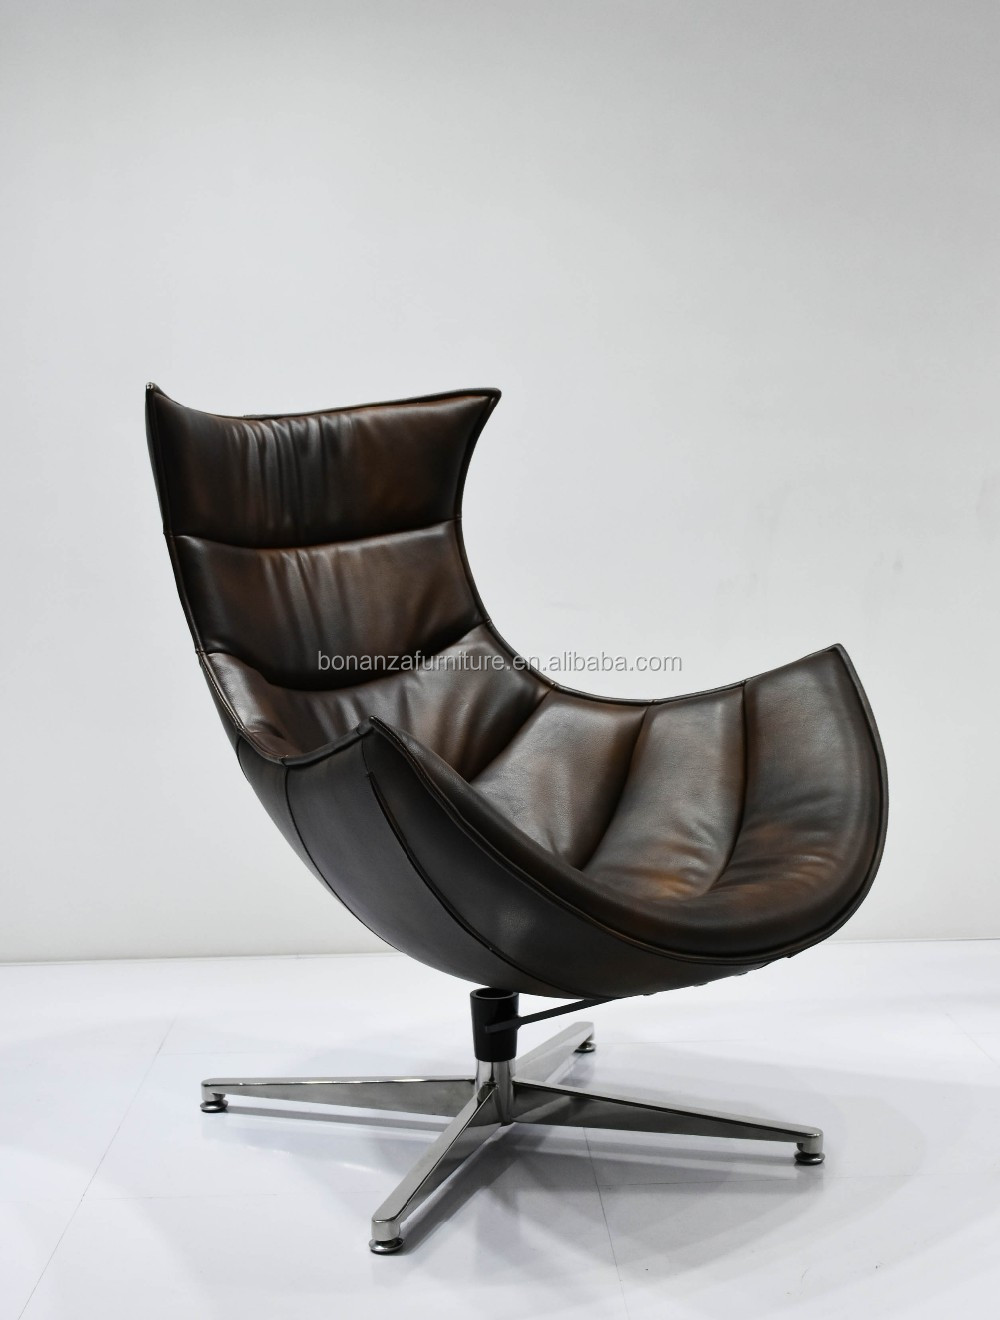 Armless Chair Sofa Leather Armless Chair Armless Leather Office Chair Ch 006 Buy Armless Chair Sofa Leather Armless Chair Armless Leather Office